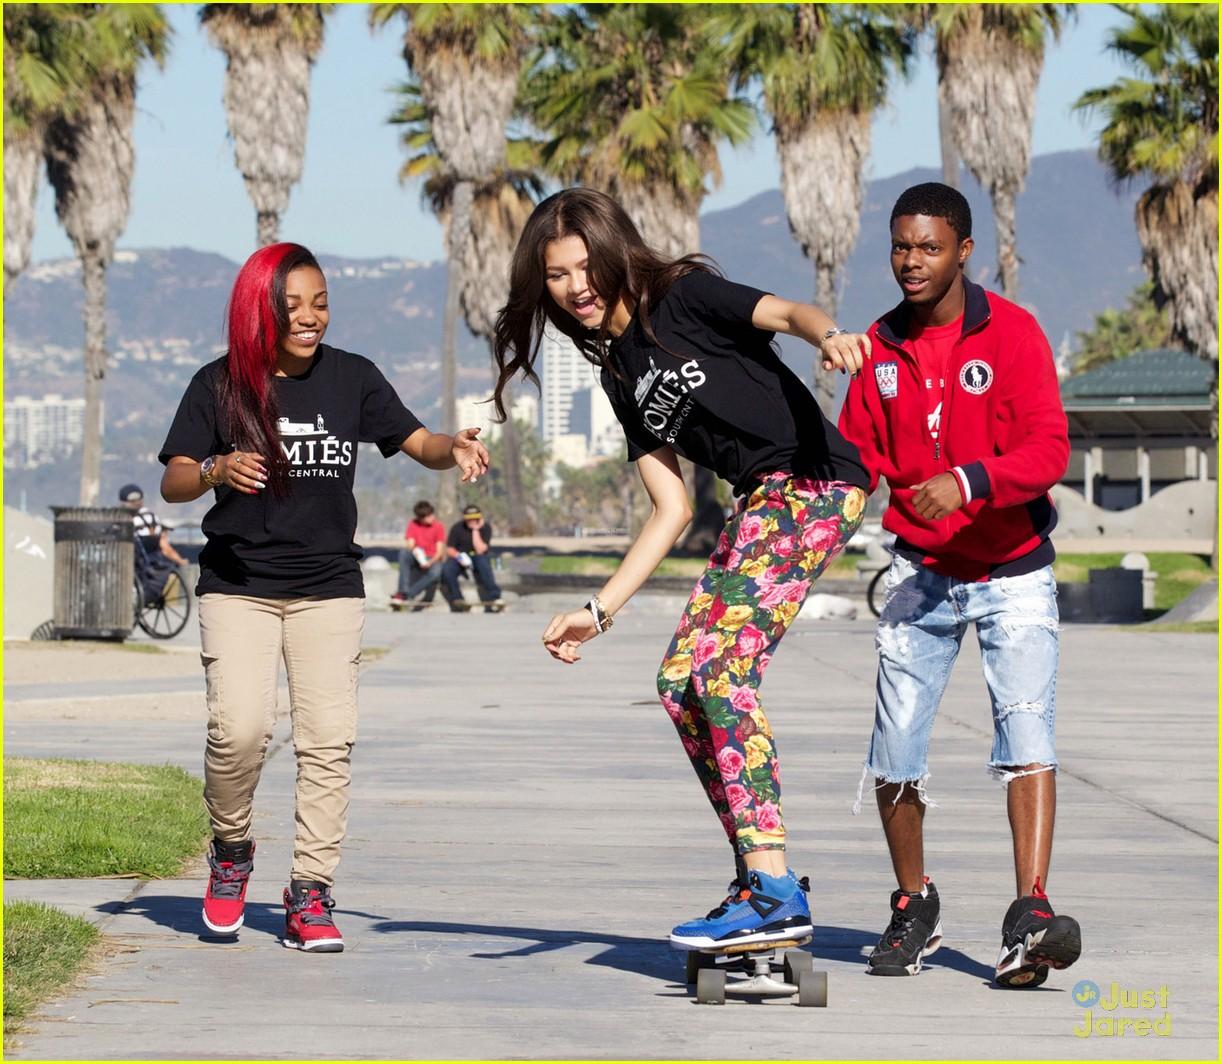 Zendaya skateboarding